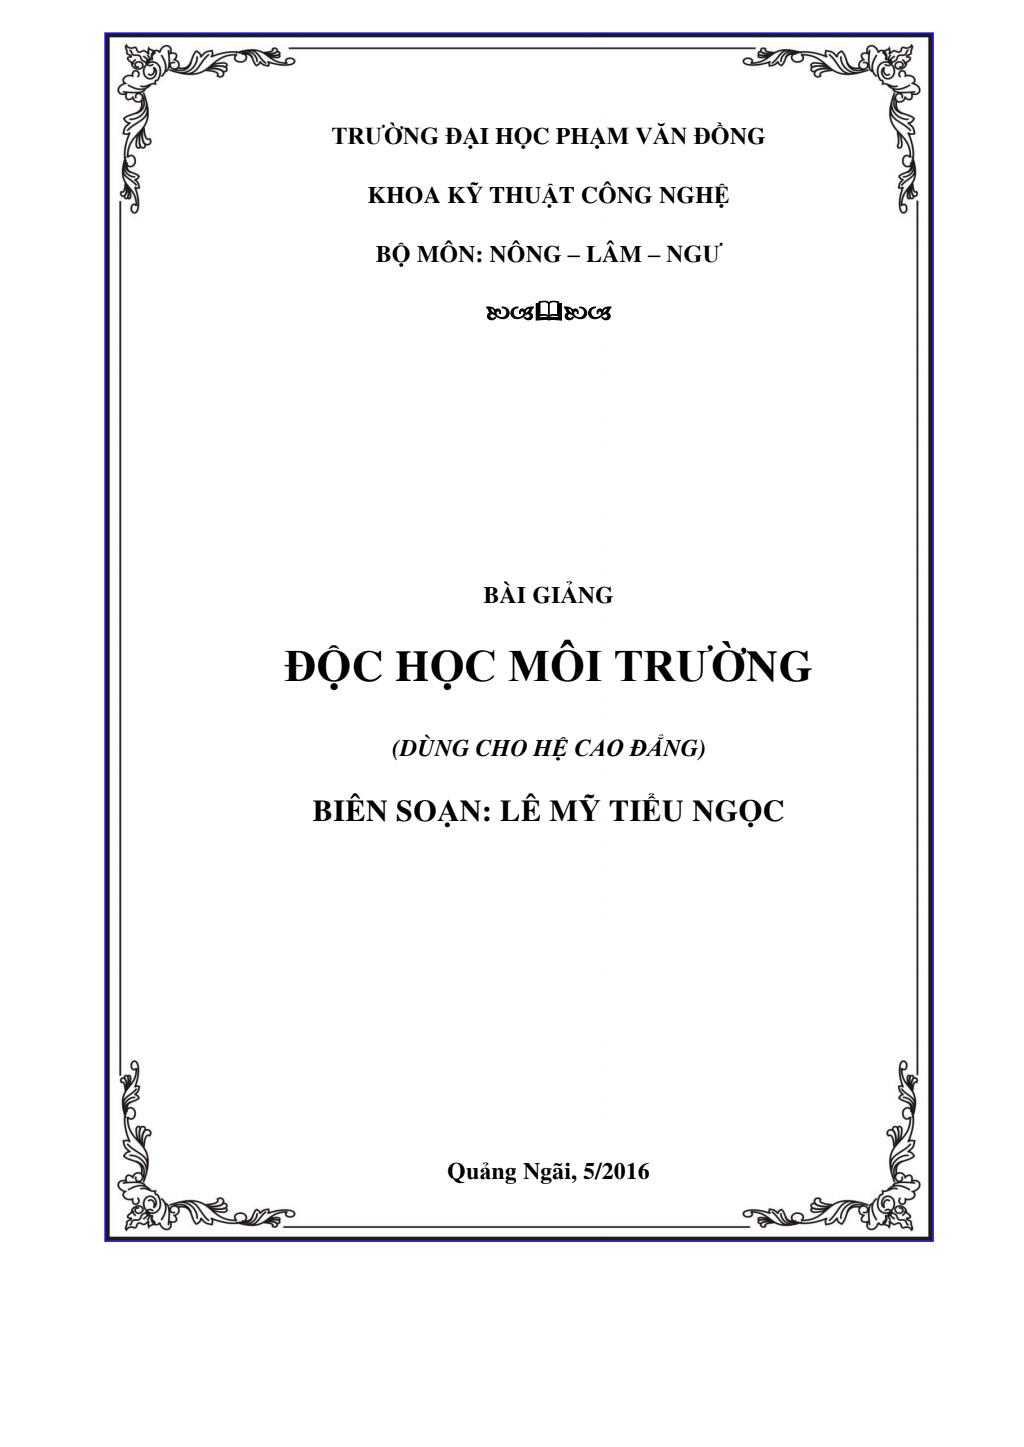 Bài giảng Độc học môi trường - ĐH Phạm Văn Đồng